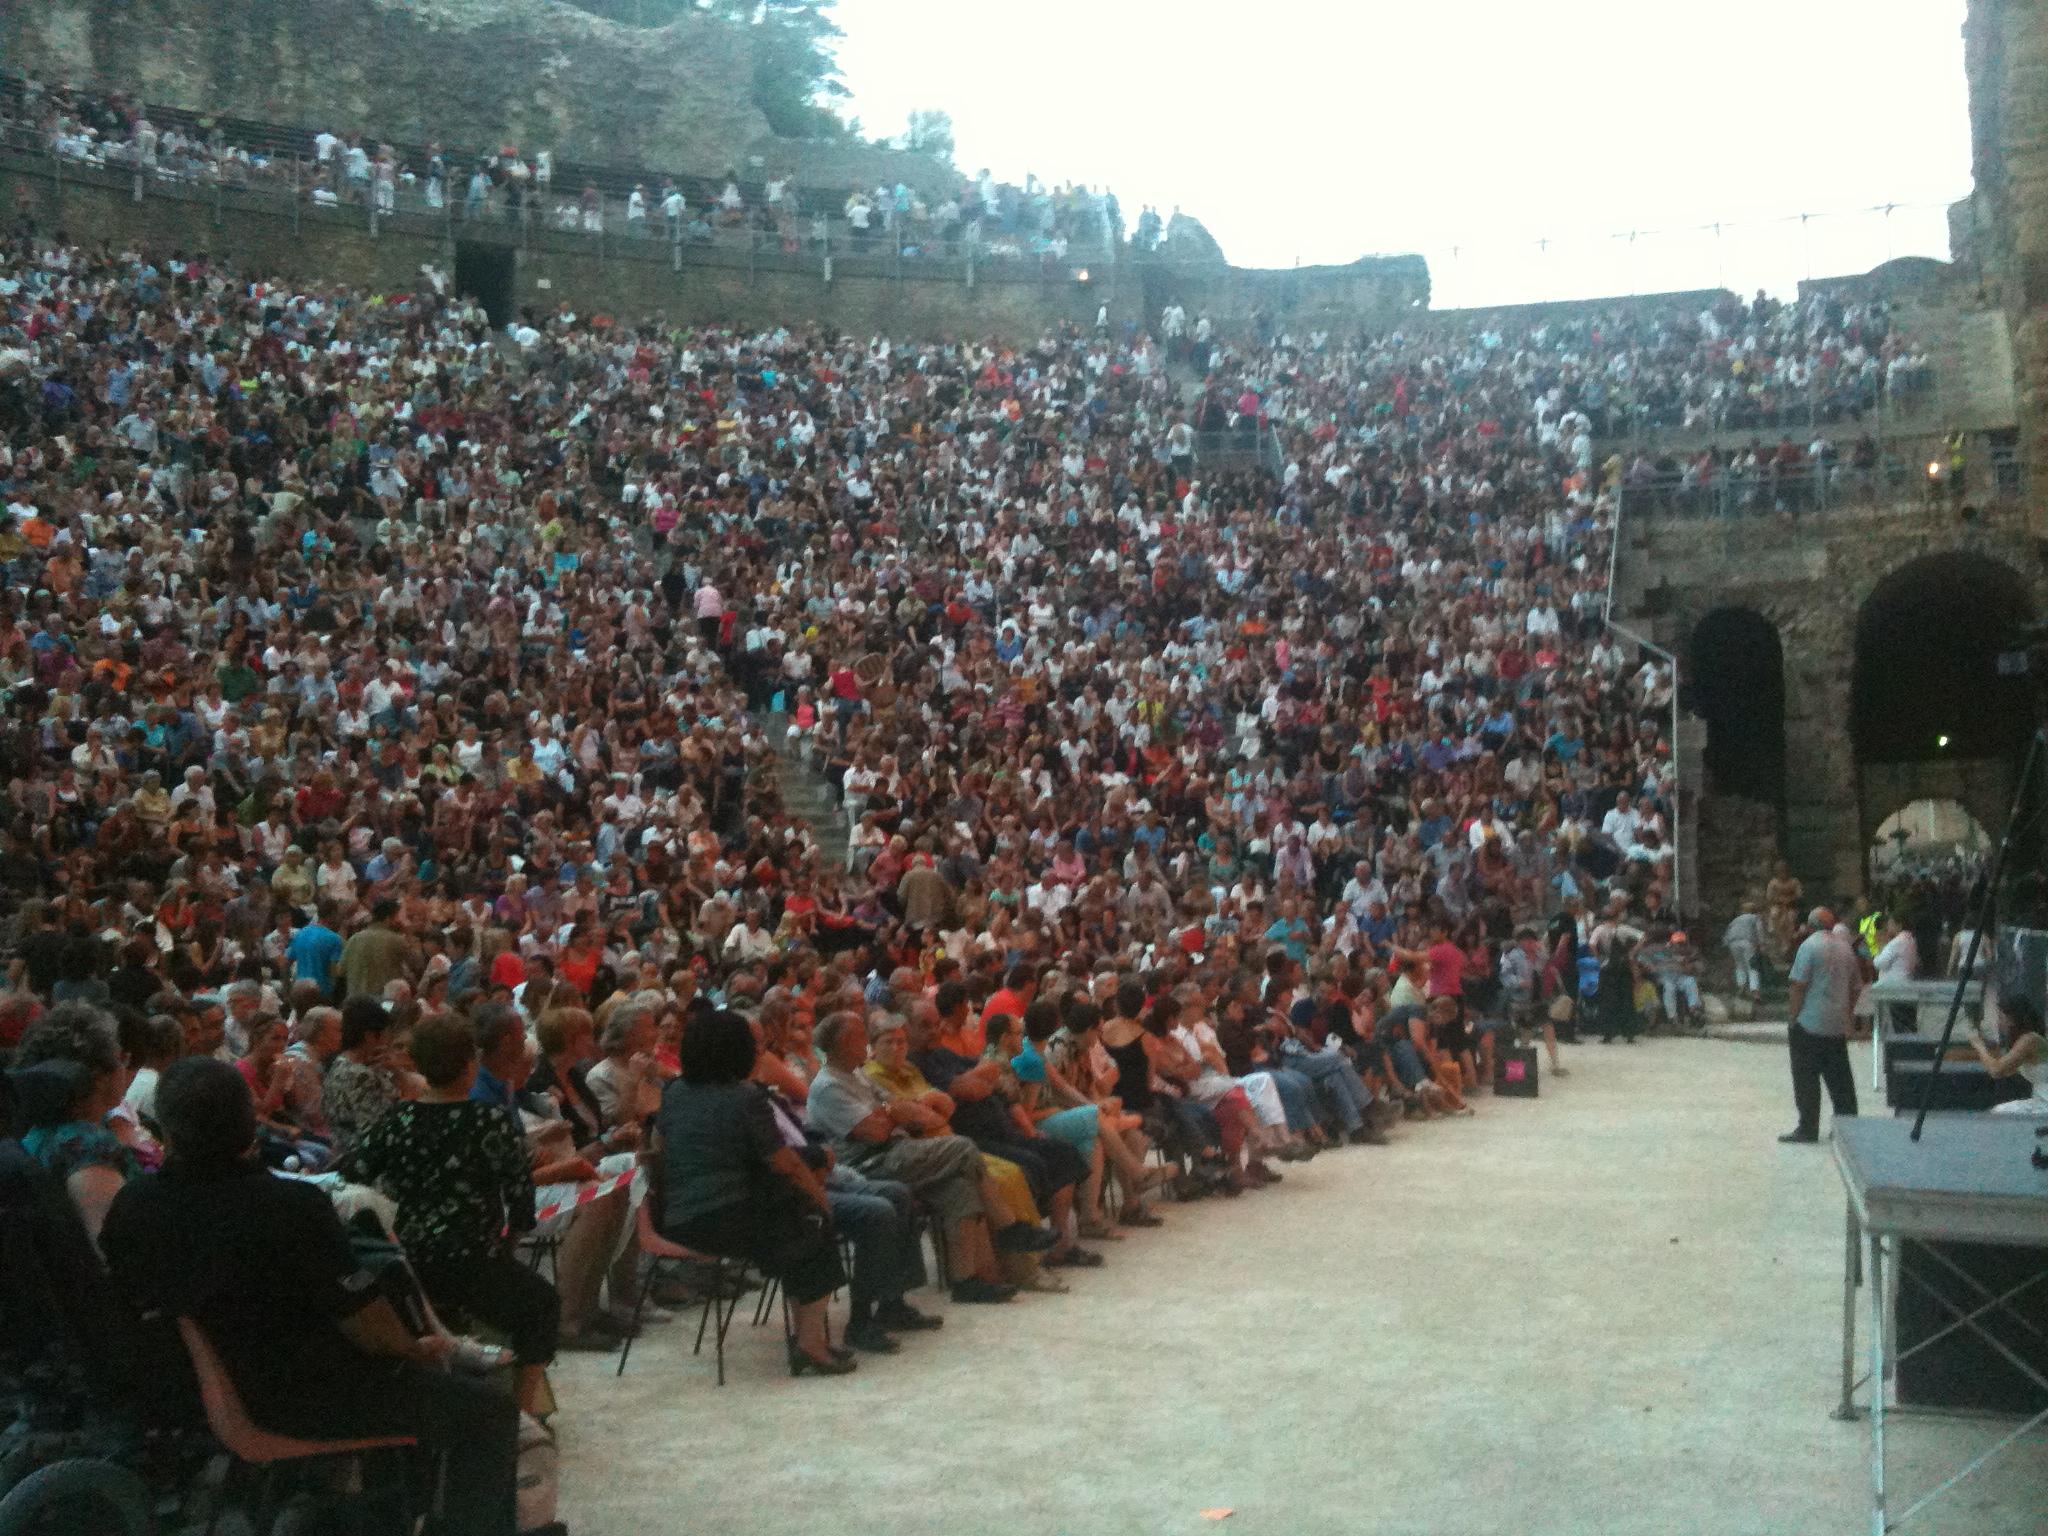 public-en-place-9000-personnes-environ